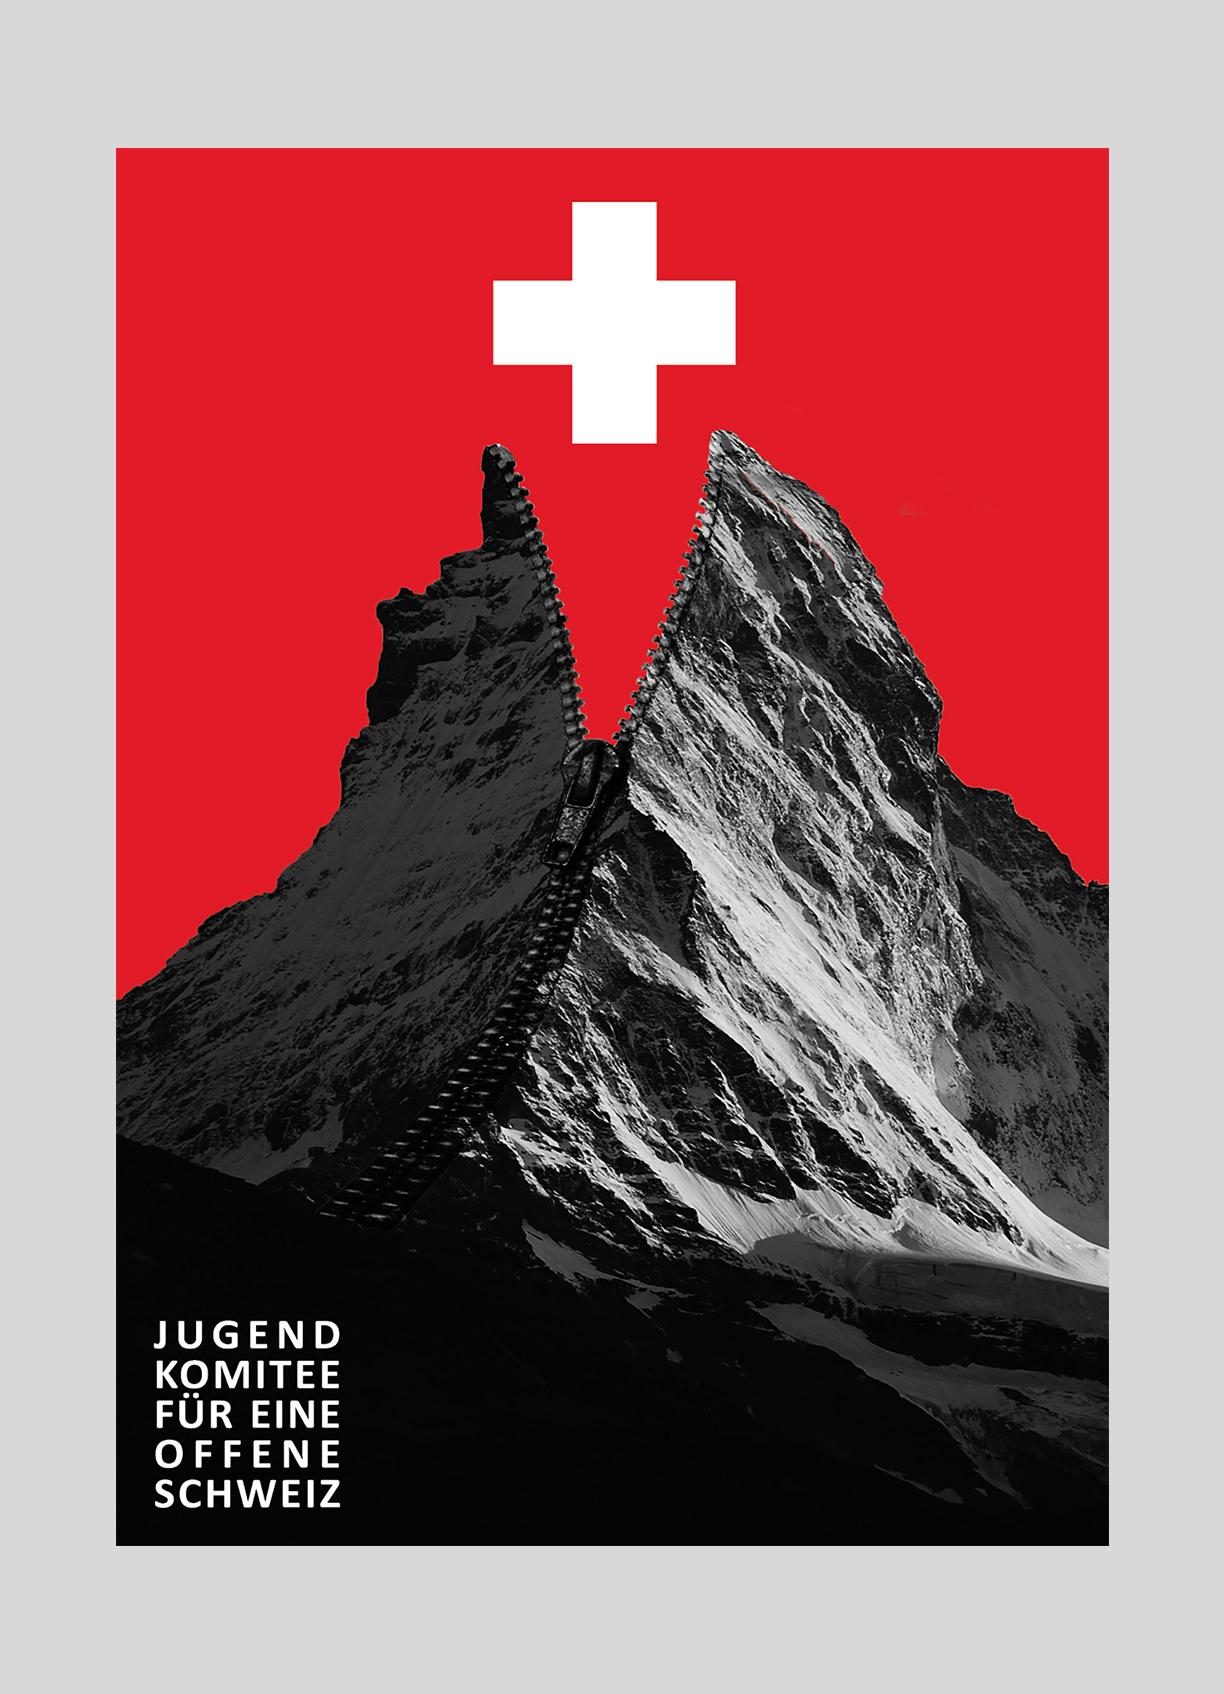 Jugendkomitee – Für eine offene Schweiz   2015   Komitee, welches die Schweiz als Teil von Europa versteht.